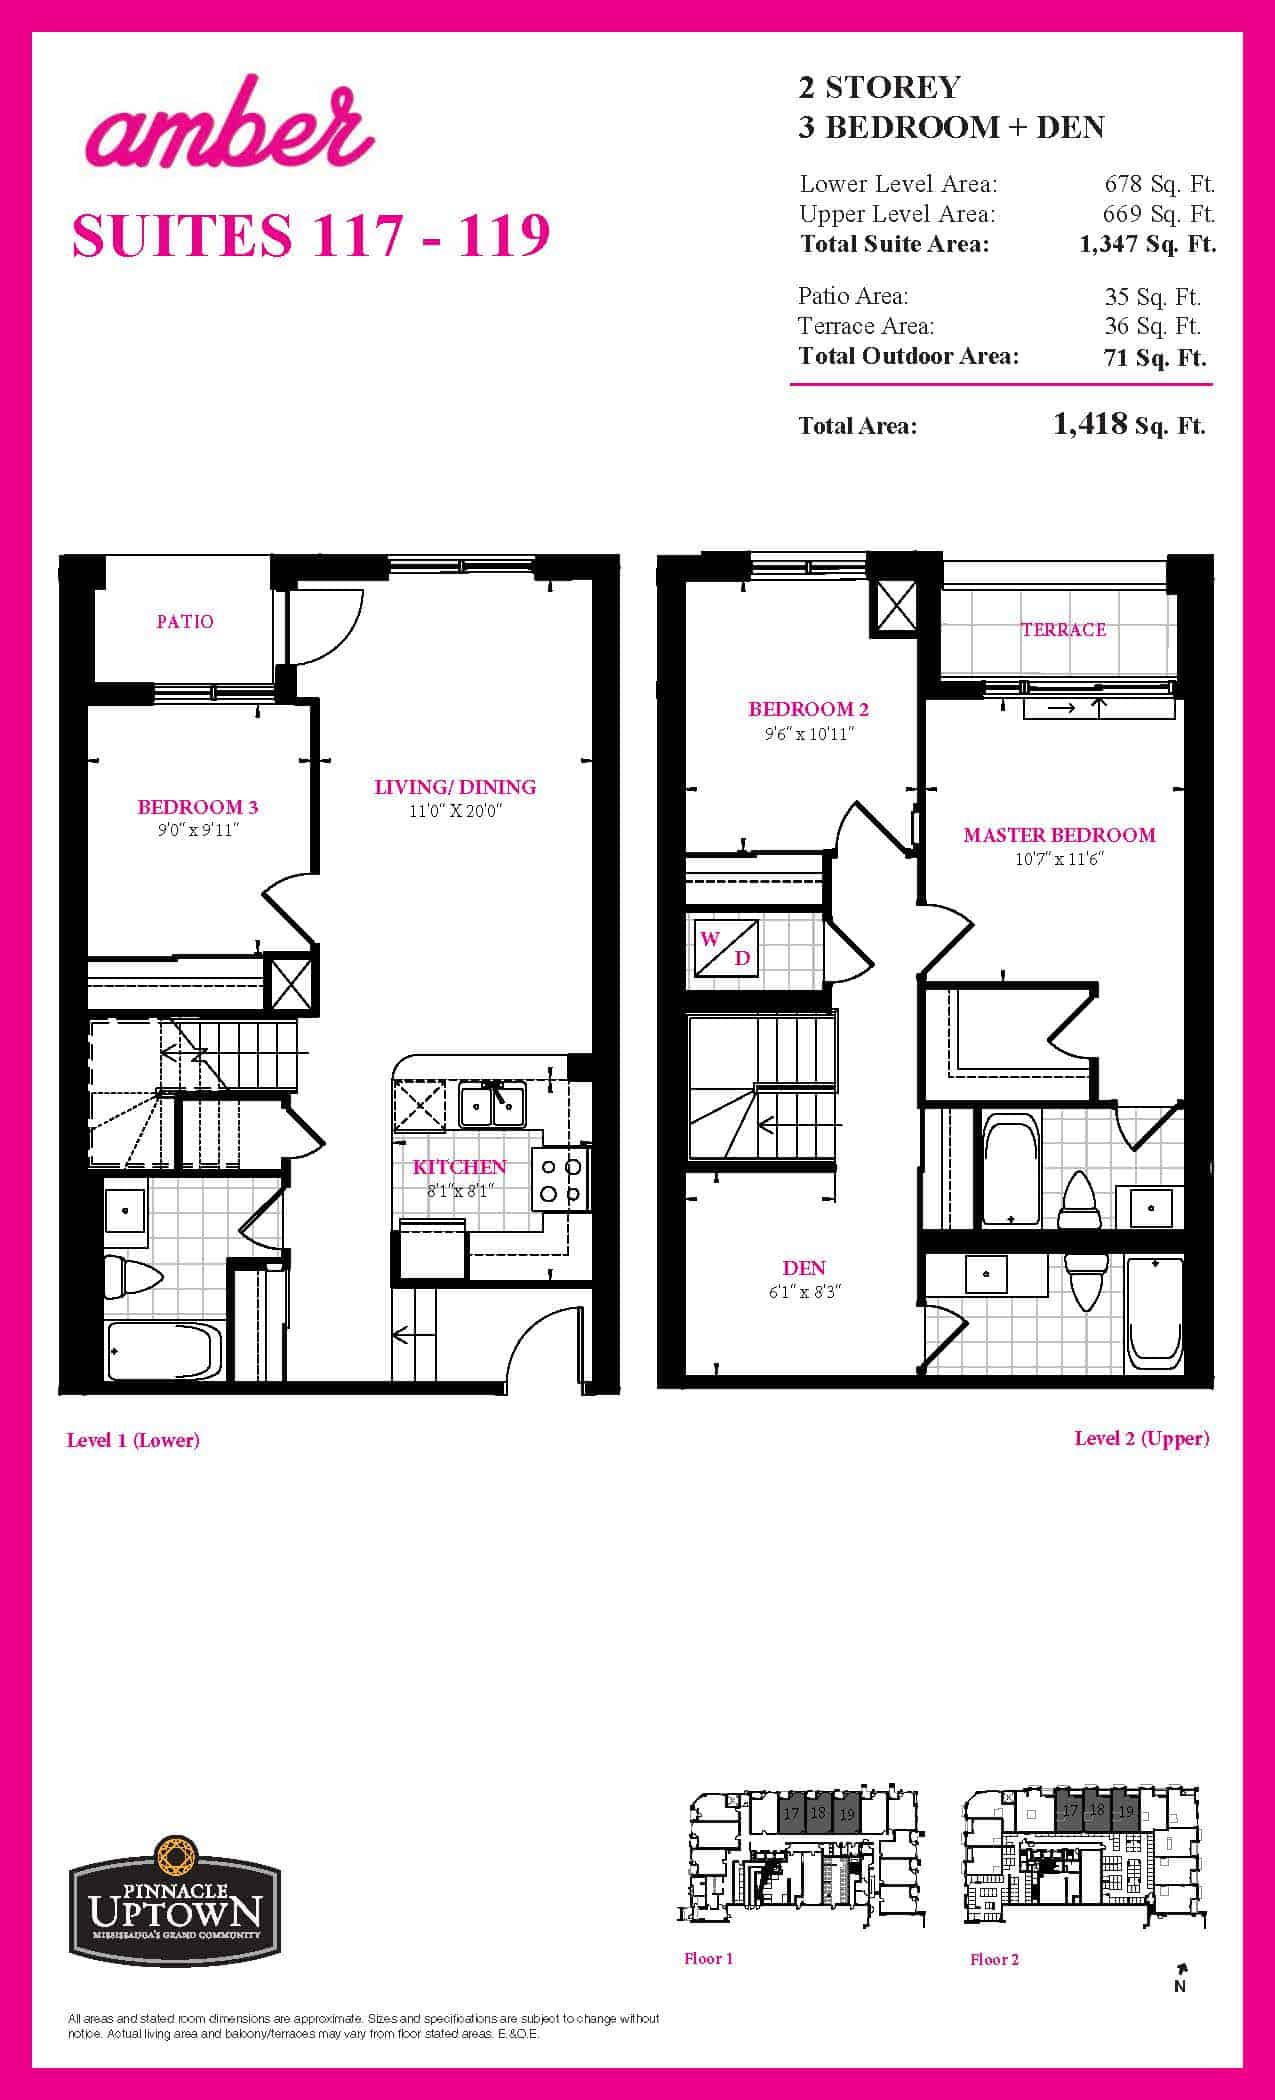 Suite 117 - 119